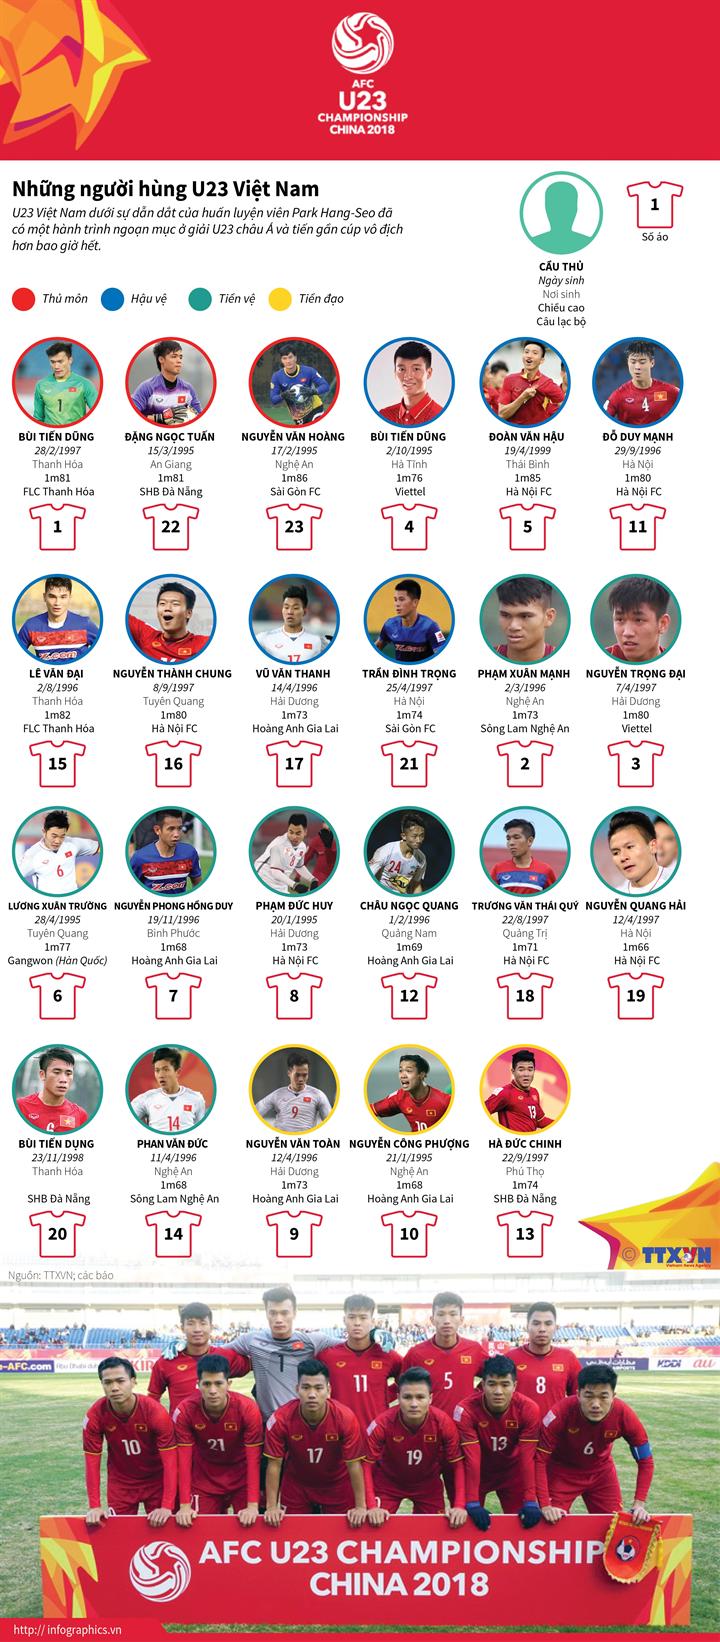 Những người hùng U23 Việt Nam